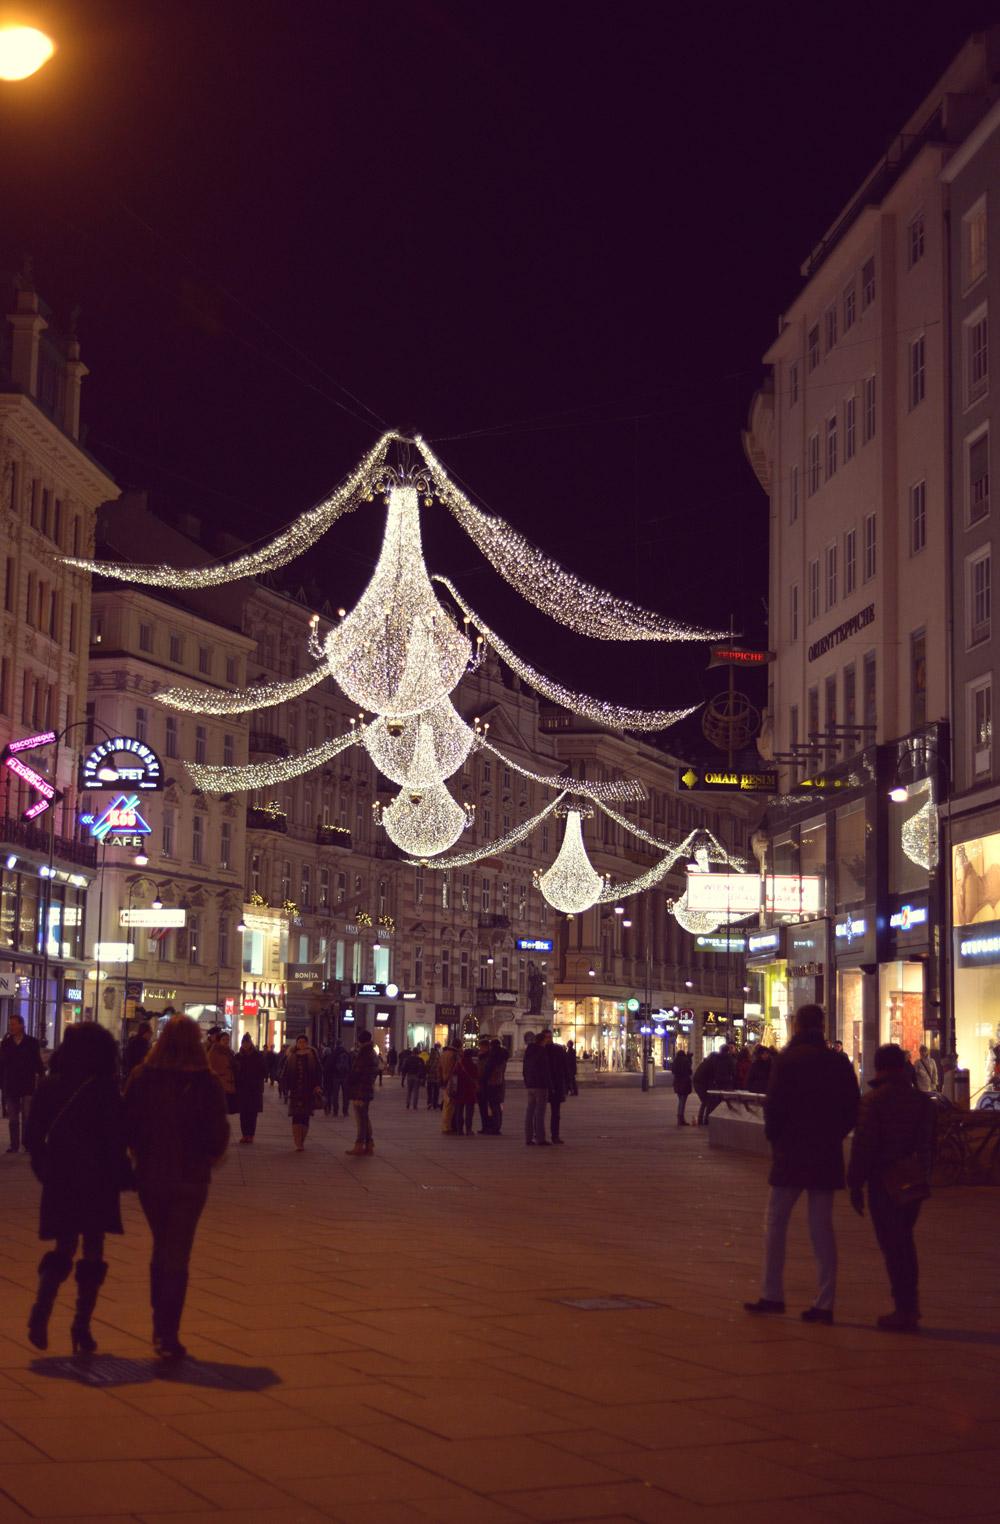 magia de craciun targul-de-craciun-globuri-decoratiuni-candelabru-vienez-iulia-andrei-fashion-blog